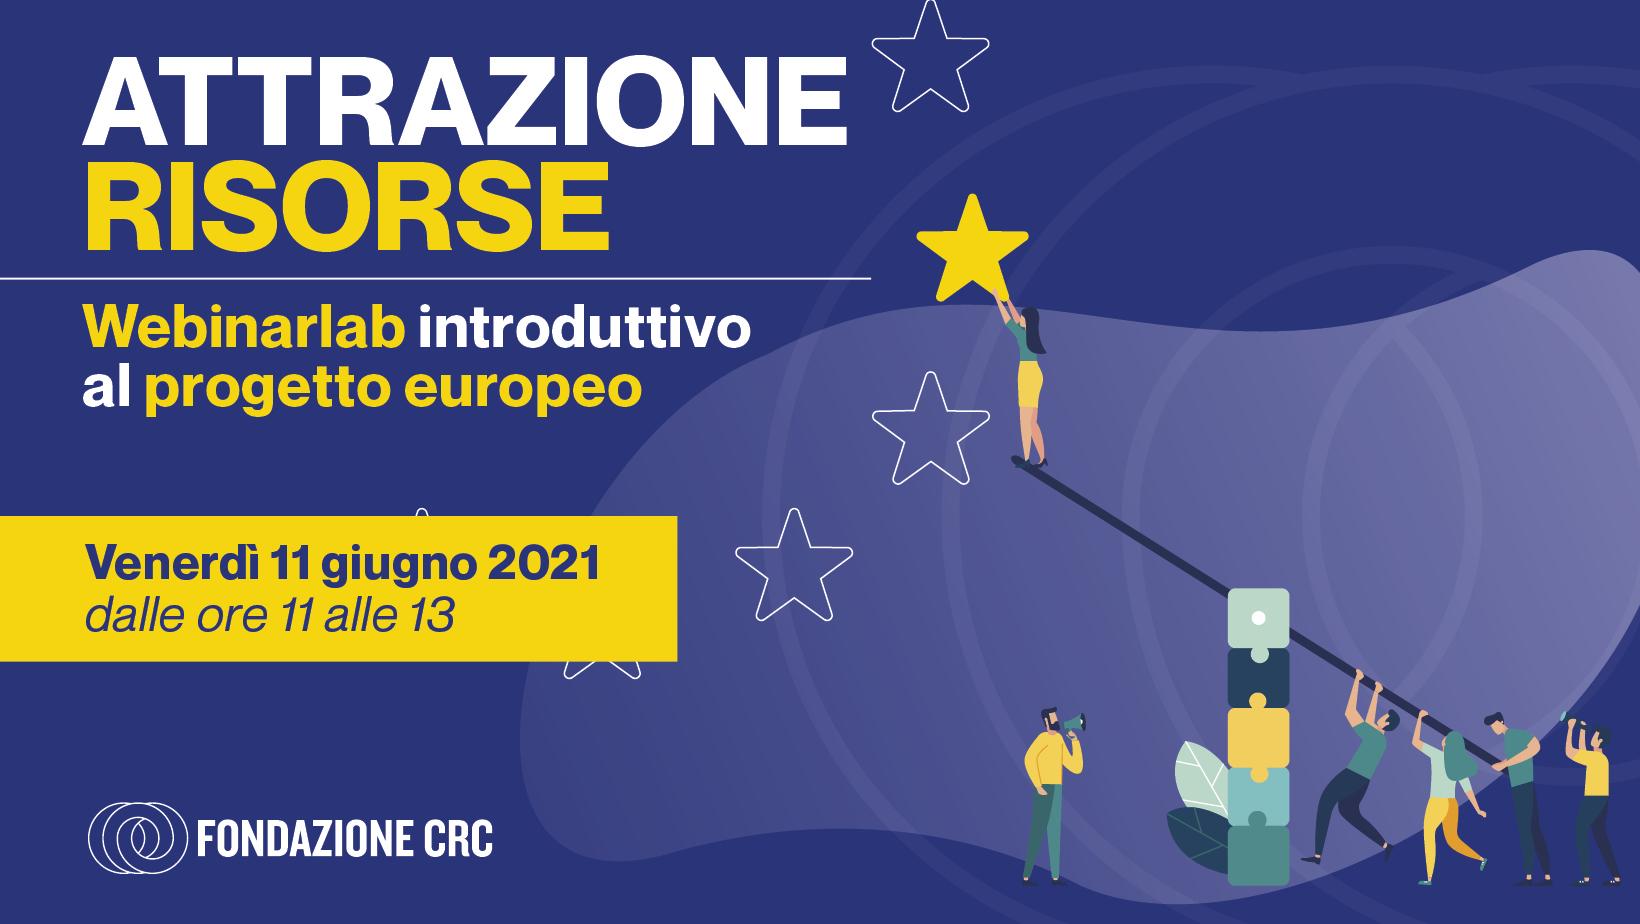 Il progetto europeo: venerdì 11 giugno 2021 alle ore 11 un laboratorio di alfabetizzazione alla progettazione europea